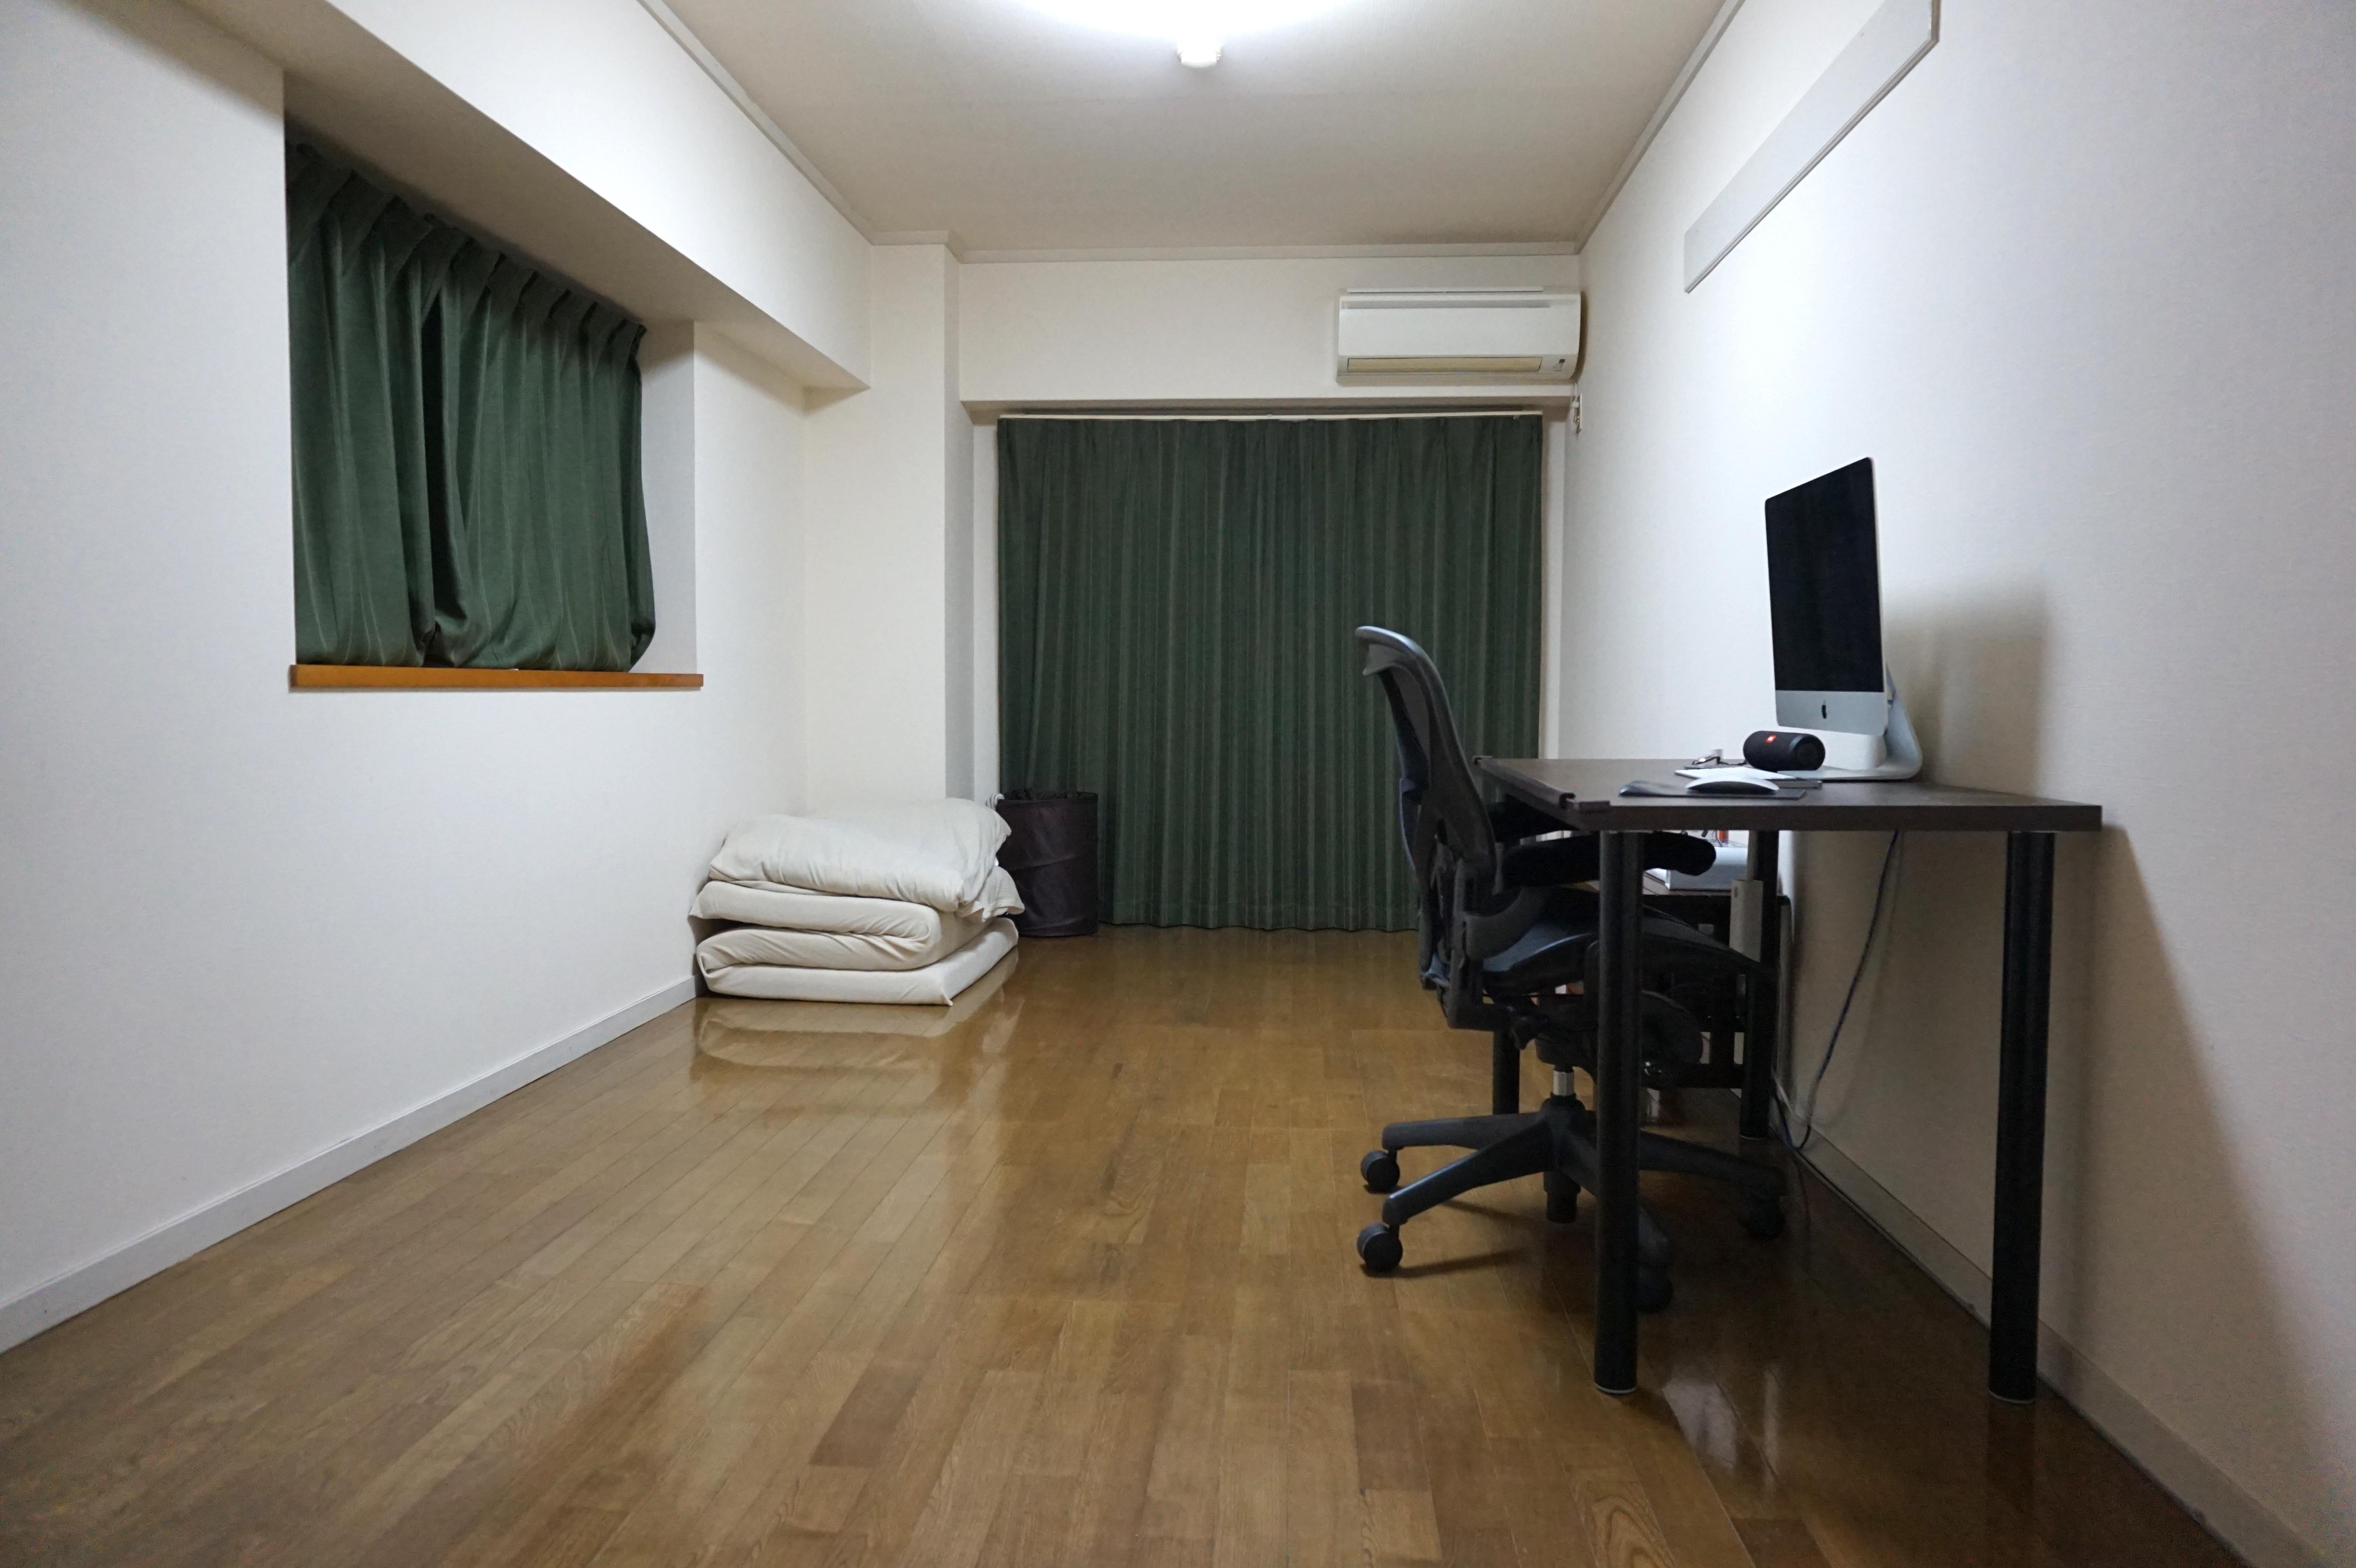 ミニマリストの部屋